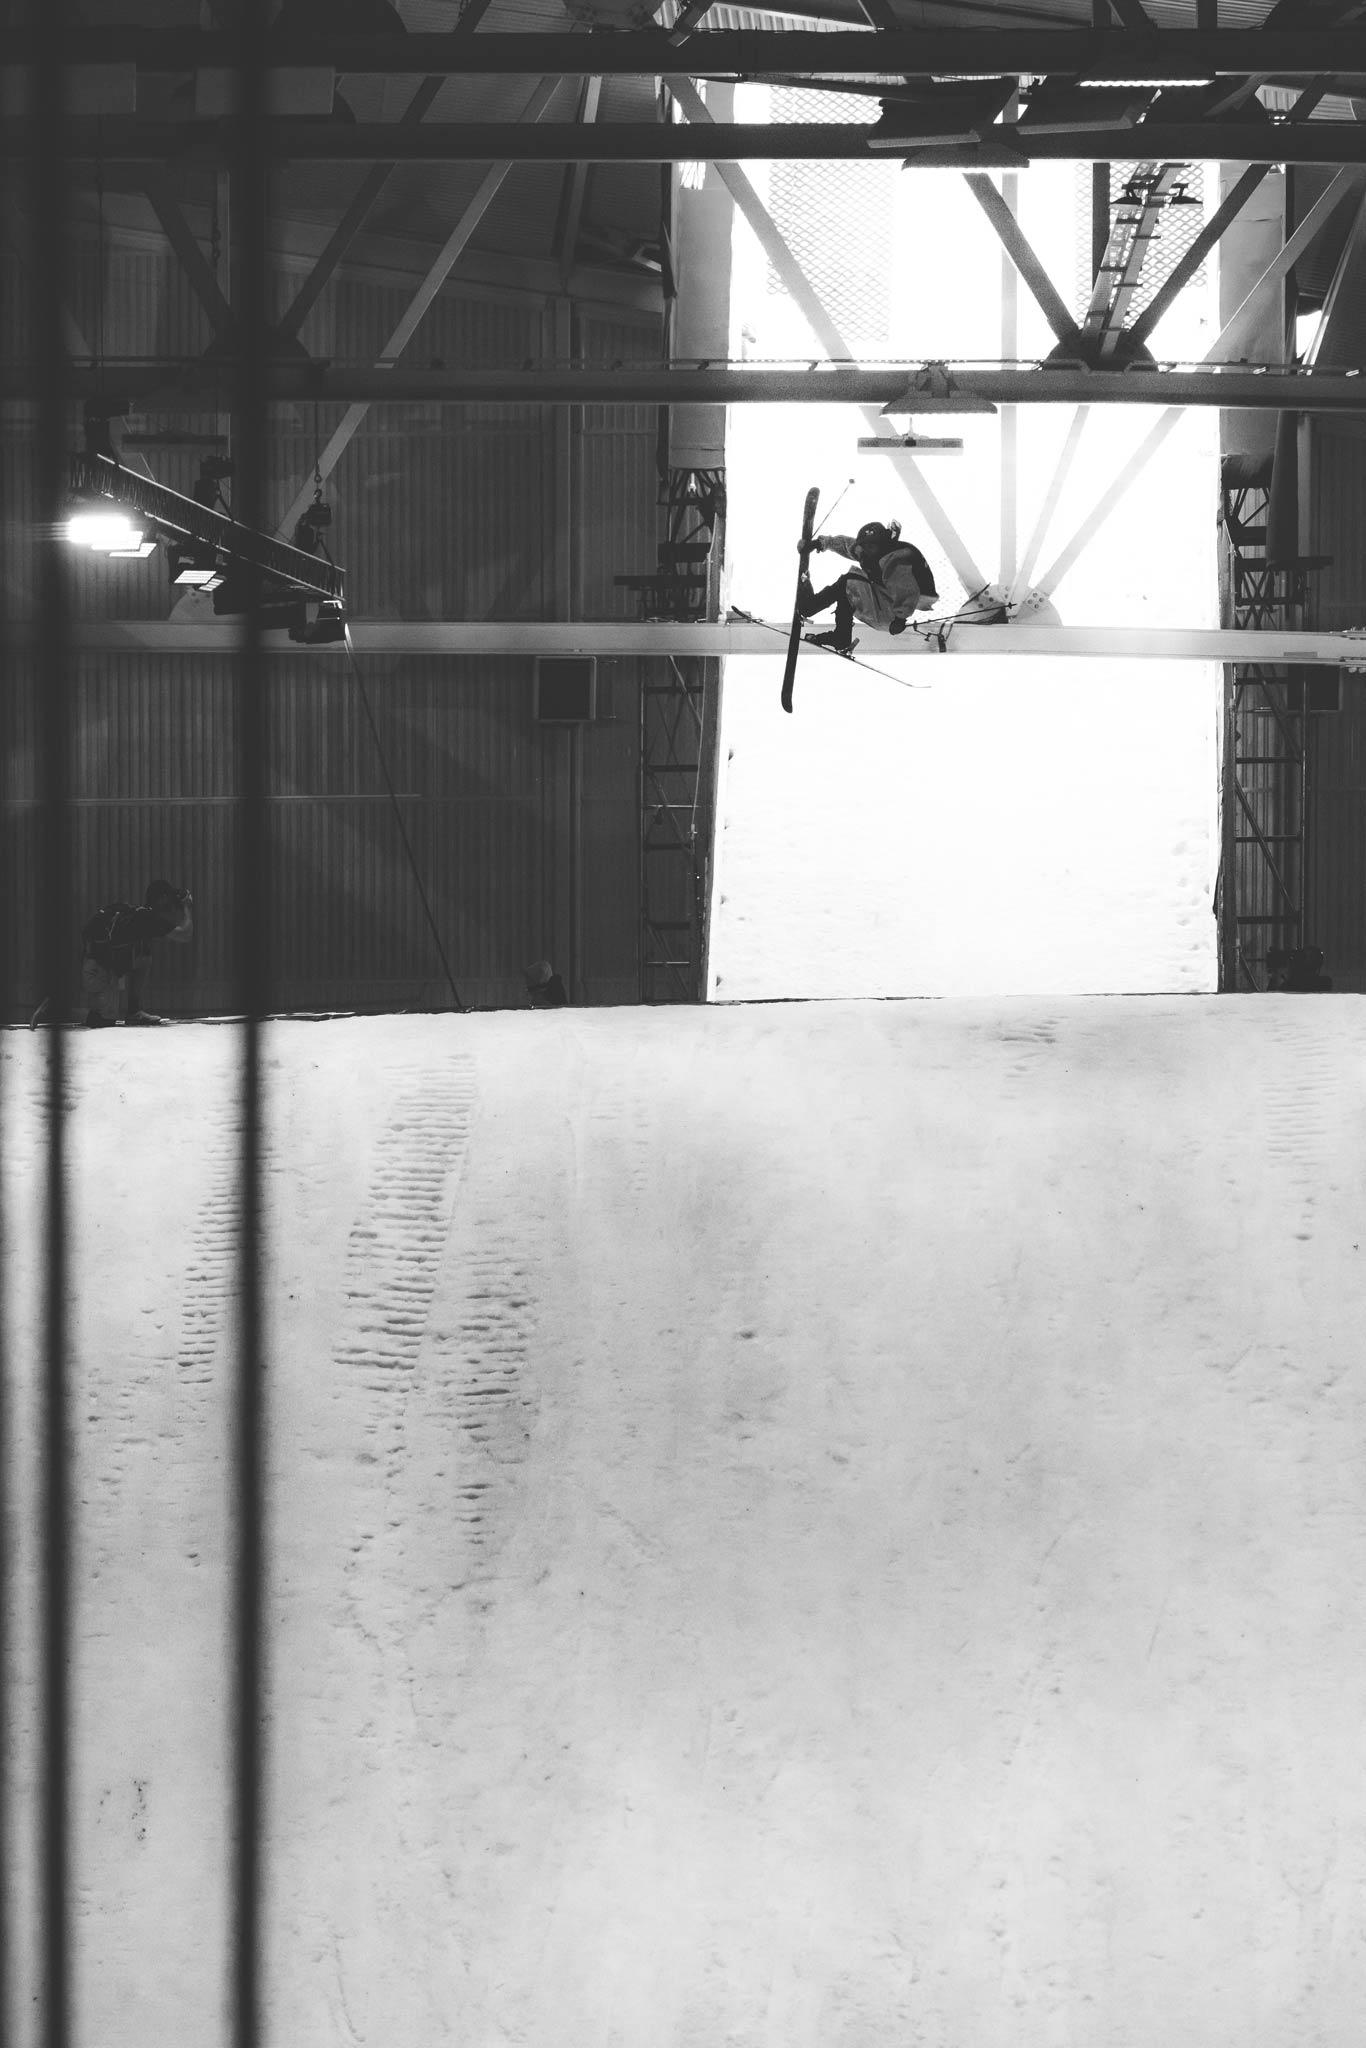 Der Zweitplatzierte Henrik Harlaut aus Schweden trat in kurzen Shorts an. - Foto: Jürgen Nigg